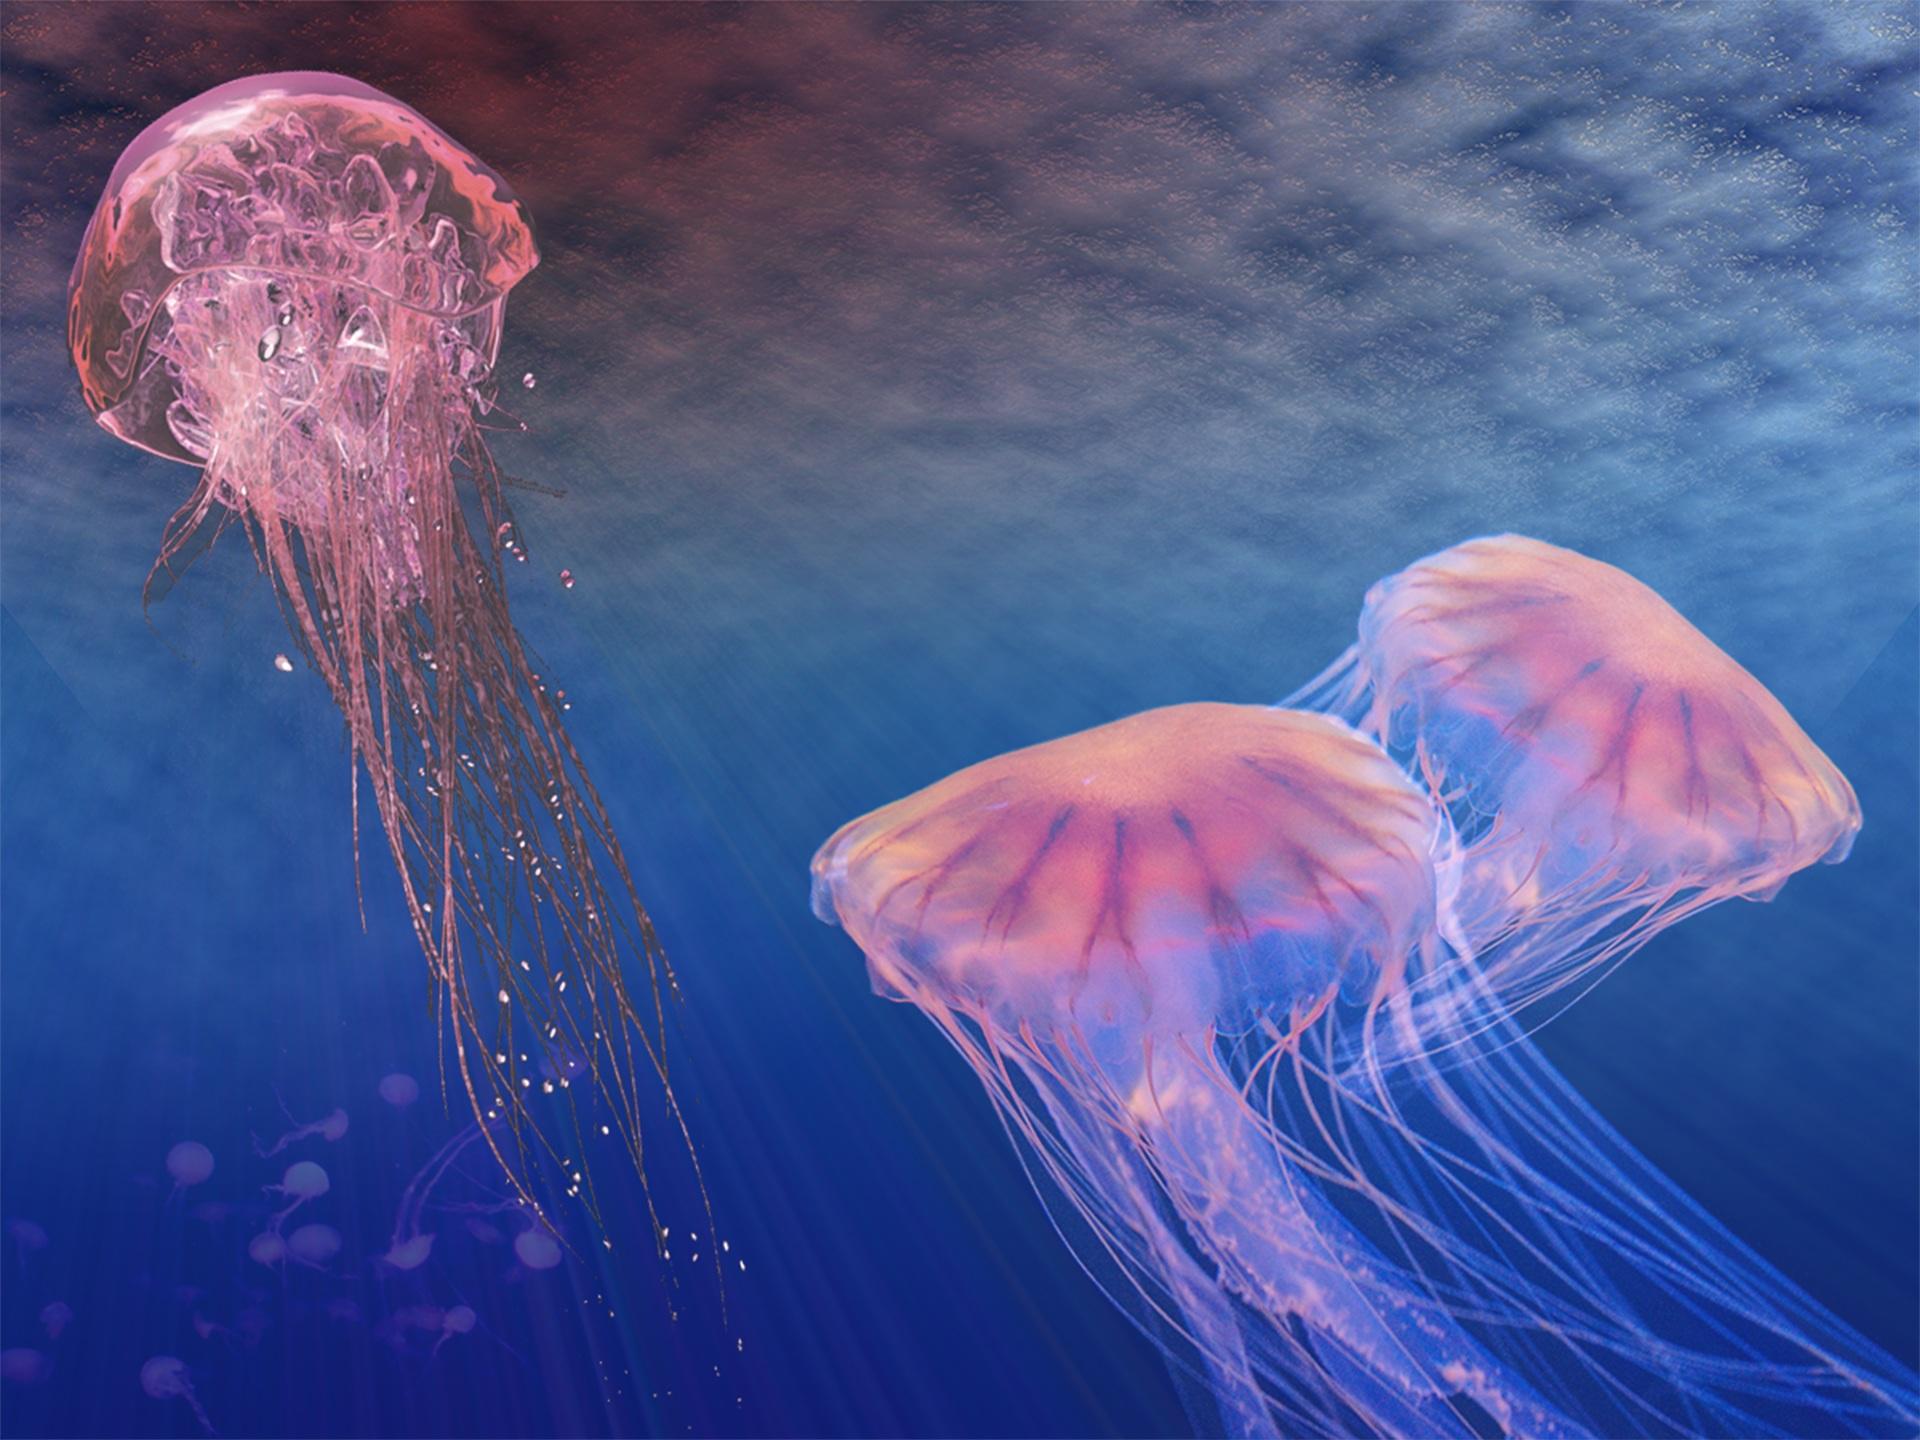 قنديل البحر, الحياة البحرية, البحر, المحيط, أعماق, روزا - خلفيات عالية الدقة - أستاذ falken.com